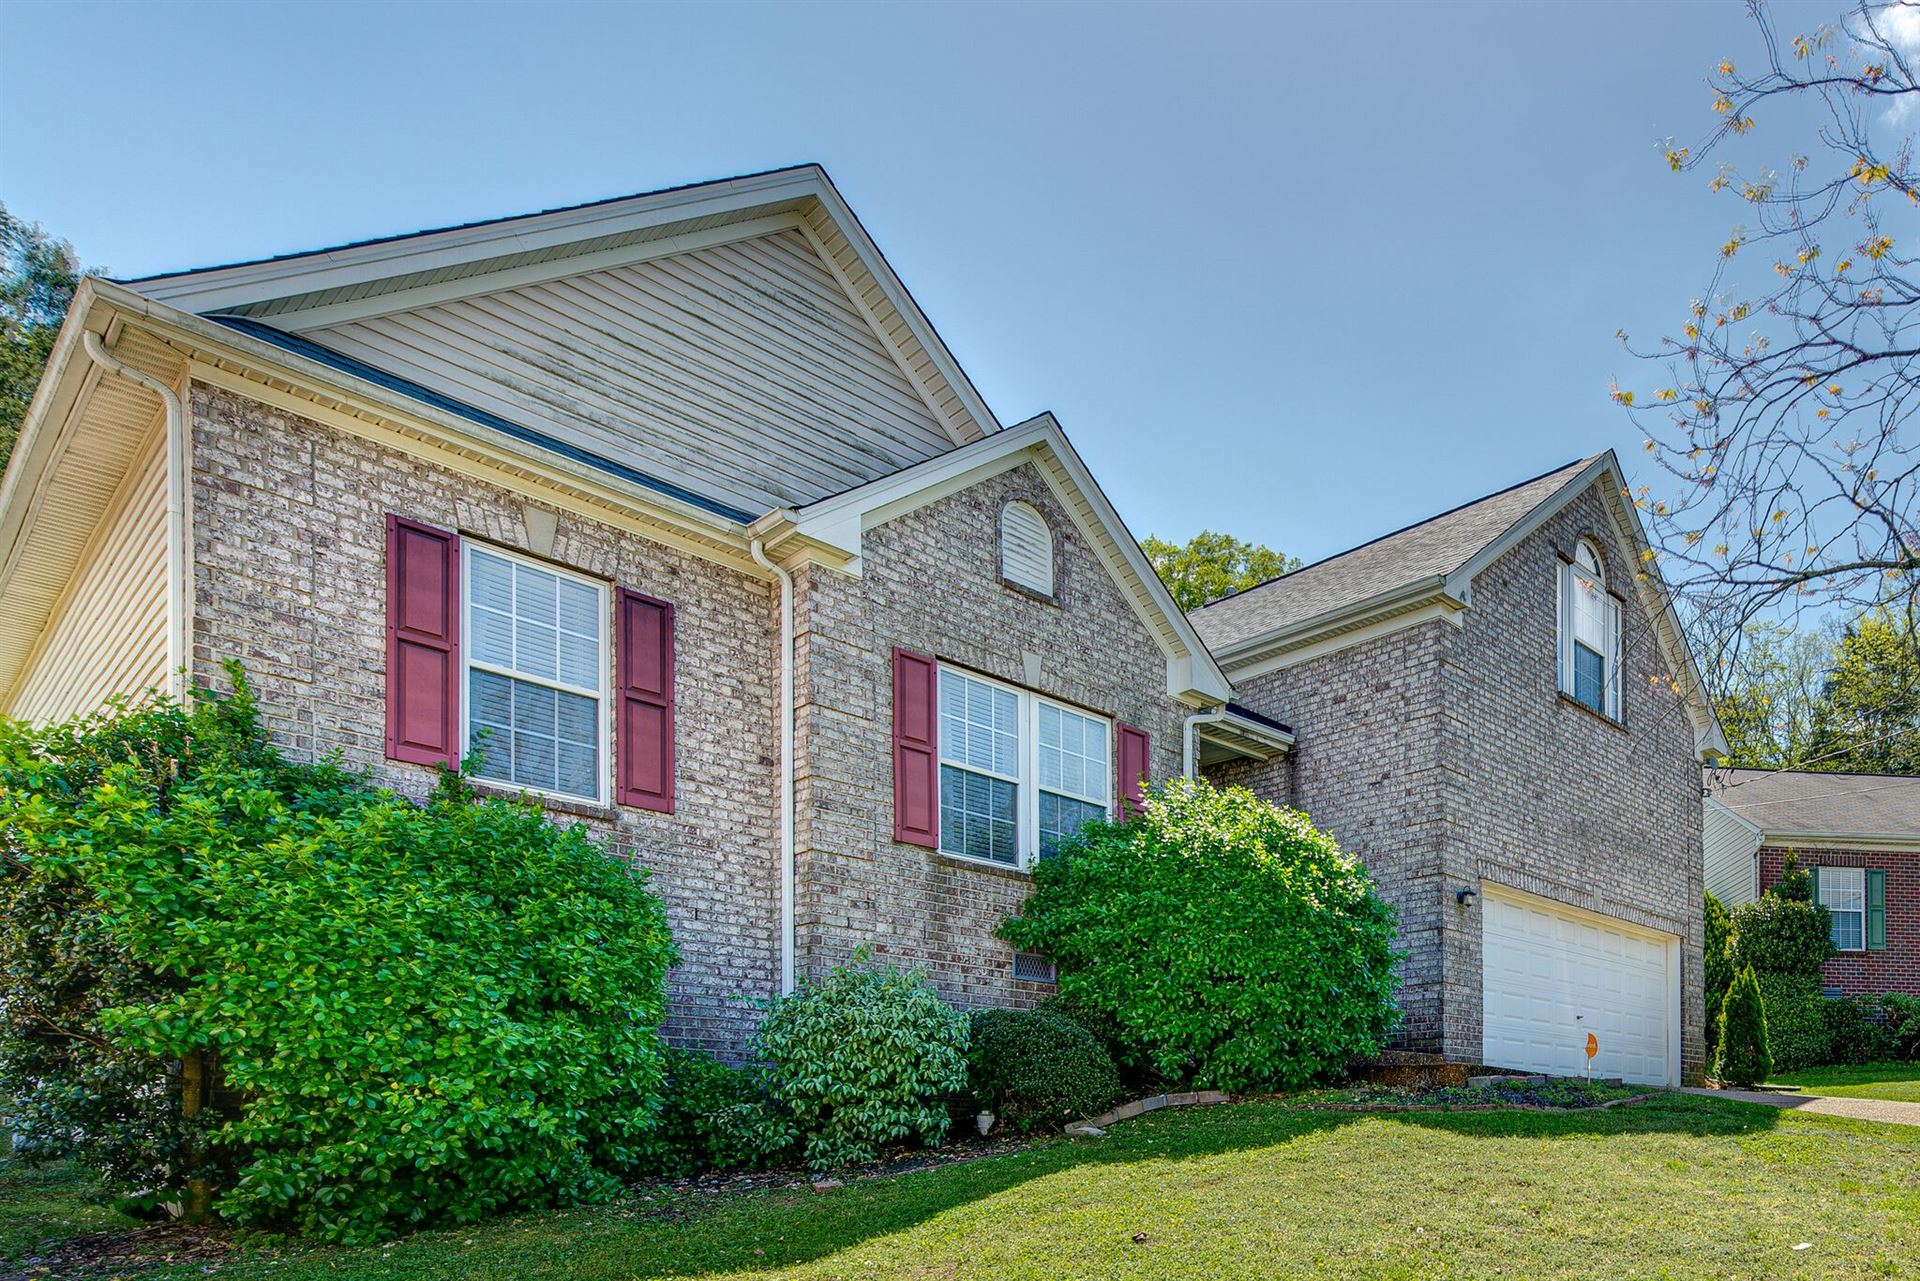 Photo of 1321 Brentwood Highlands Dr, Nashville, TN 37211 (MLS # 2246712)